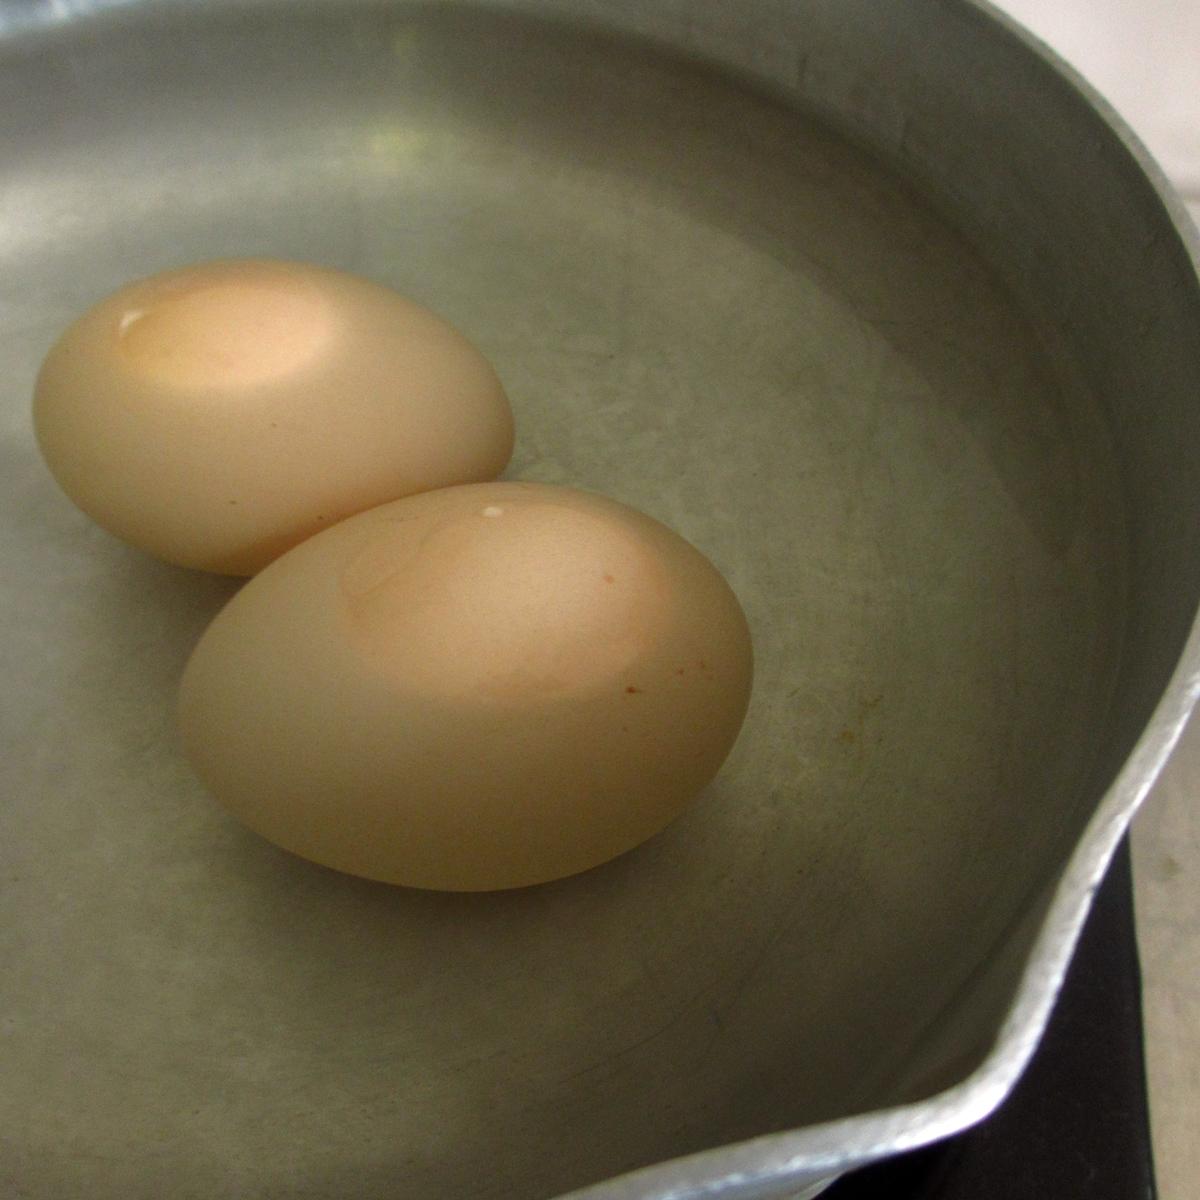 ゆで卵調理中20150704 (3)